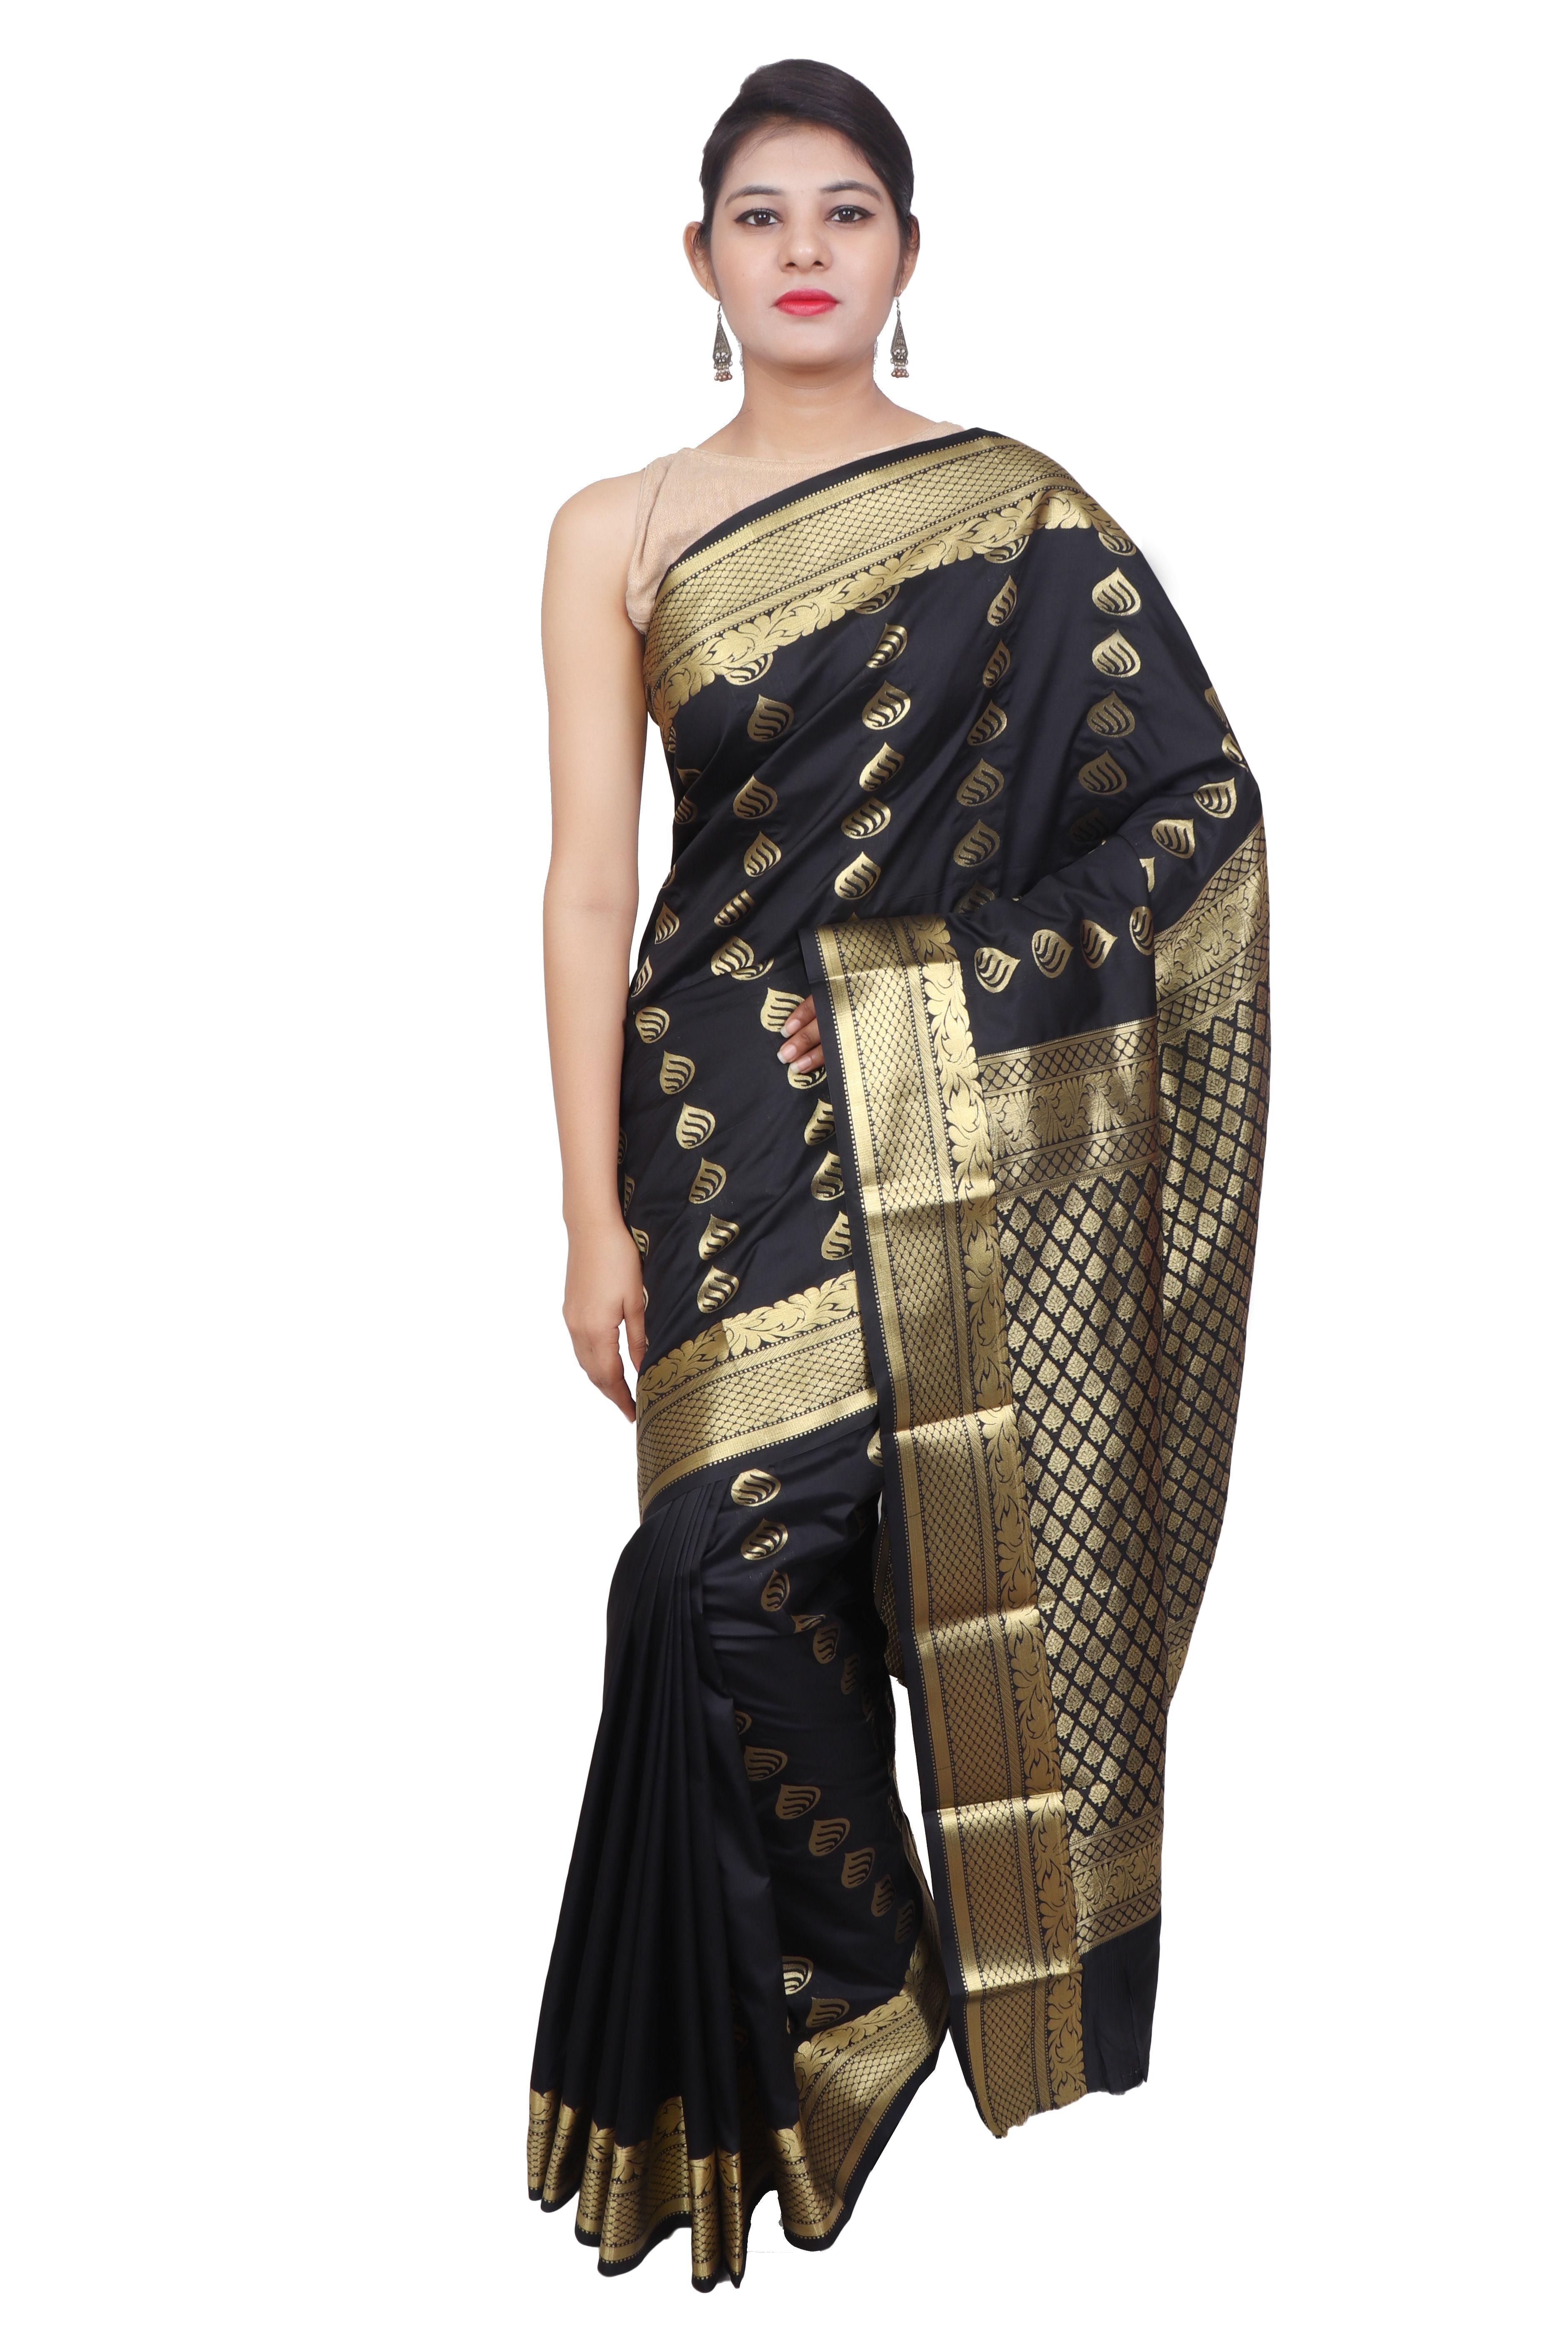 bb3754097 Taluka Fashions Art Silk Zari Woven Design Kanjeevaram Saree ...